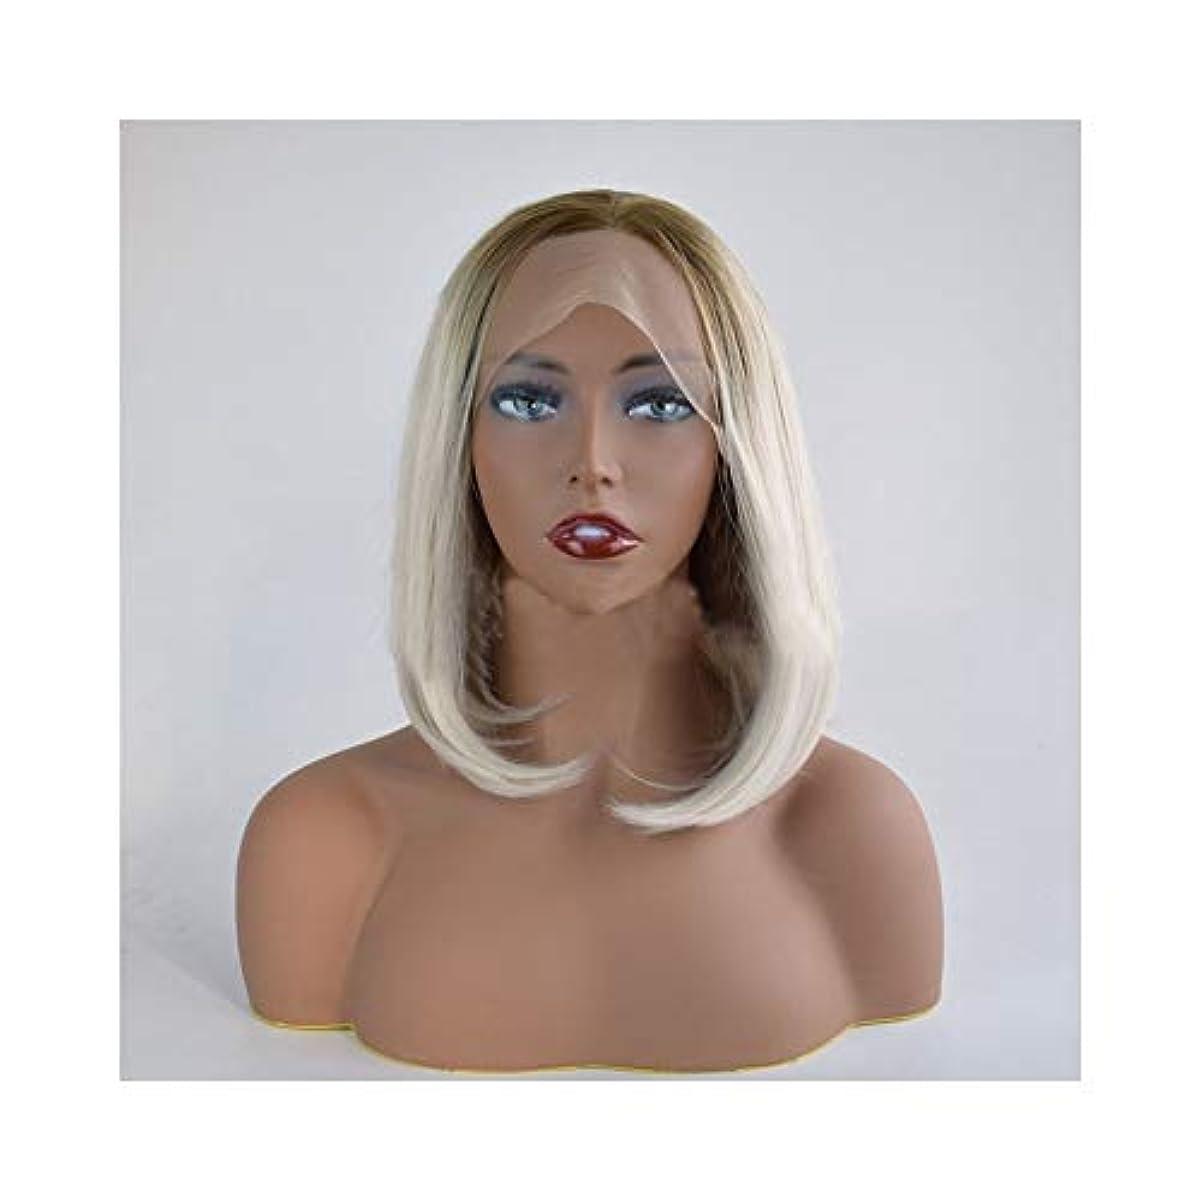 クマノミクリップ蝶いろいろYOUQIU BOB女子ショートストレートヘアーの合成レースフロントウィッグ、ライトグレーウィッグ (色 : Light gray, サイズ : 12 inch)